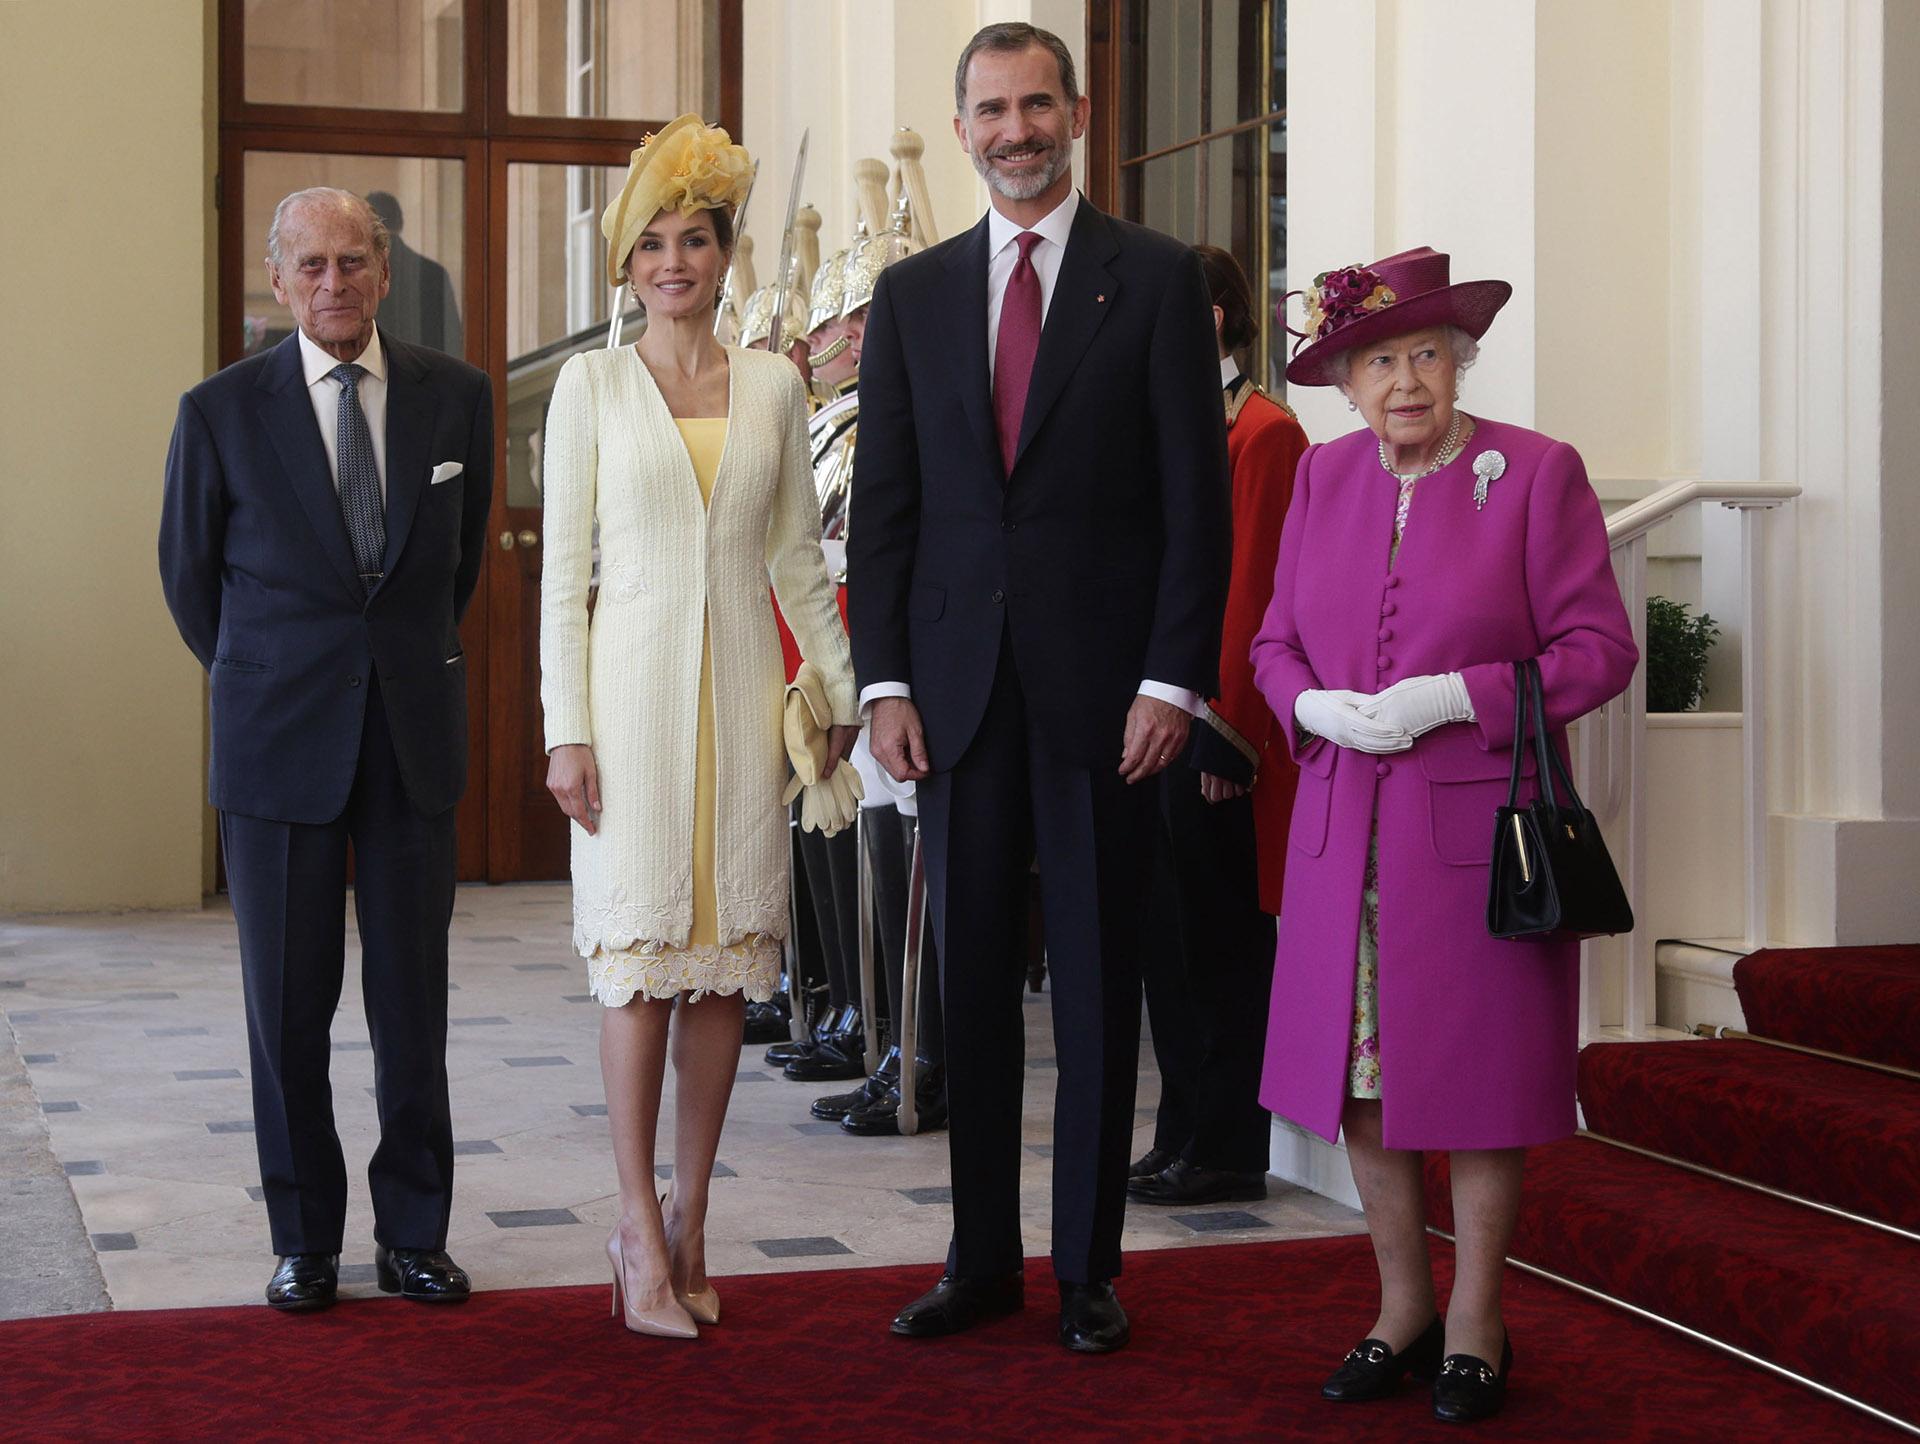 Con compromisos por toda Europa, los reyes viajaron al Reino Unido para encontrarse con la Reina Isabel II Y Felipe de Edinburgo. Una vez más, Letizia deslumbró por la elección de estilo.